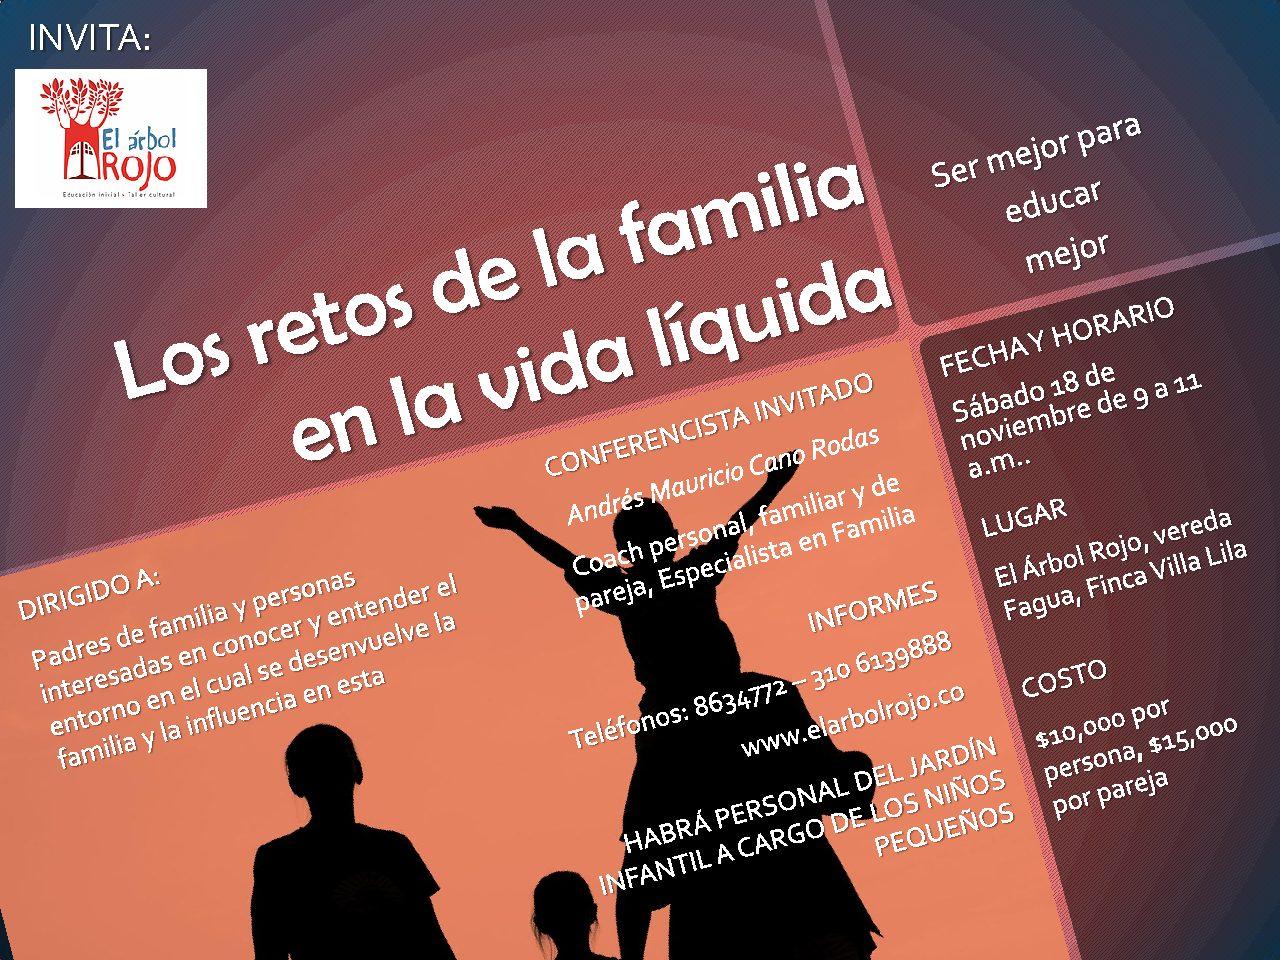 Conferencia Los retos de la familia en la vida líquida